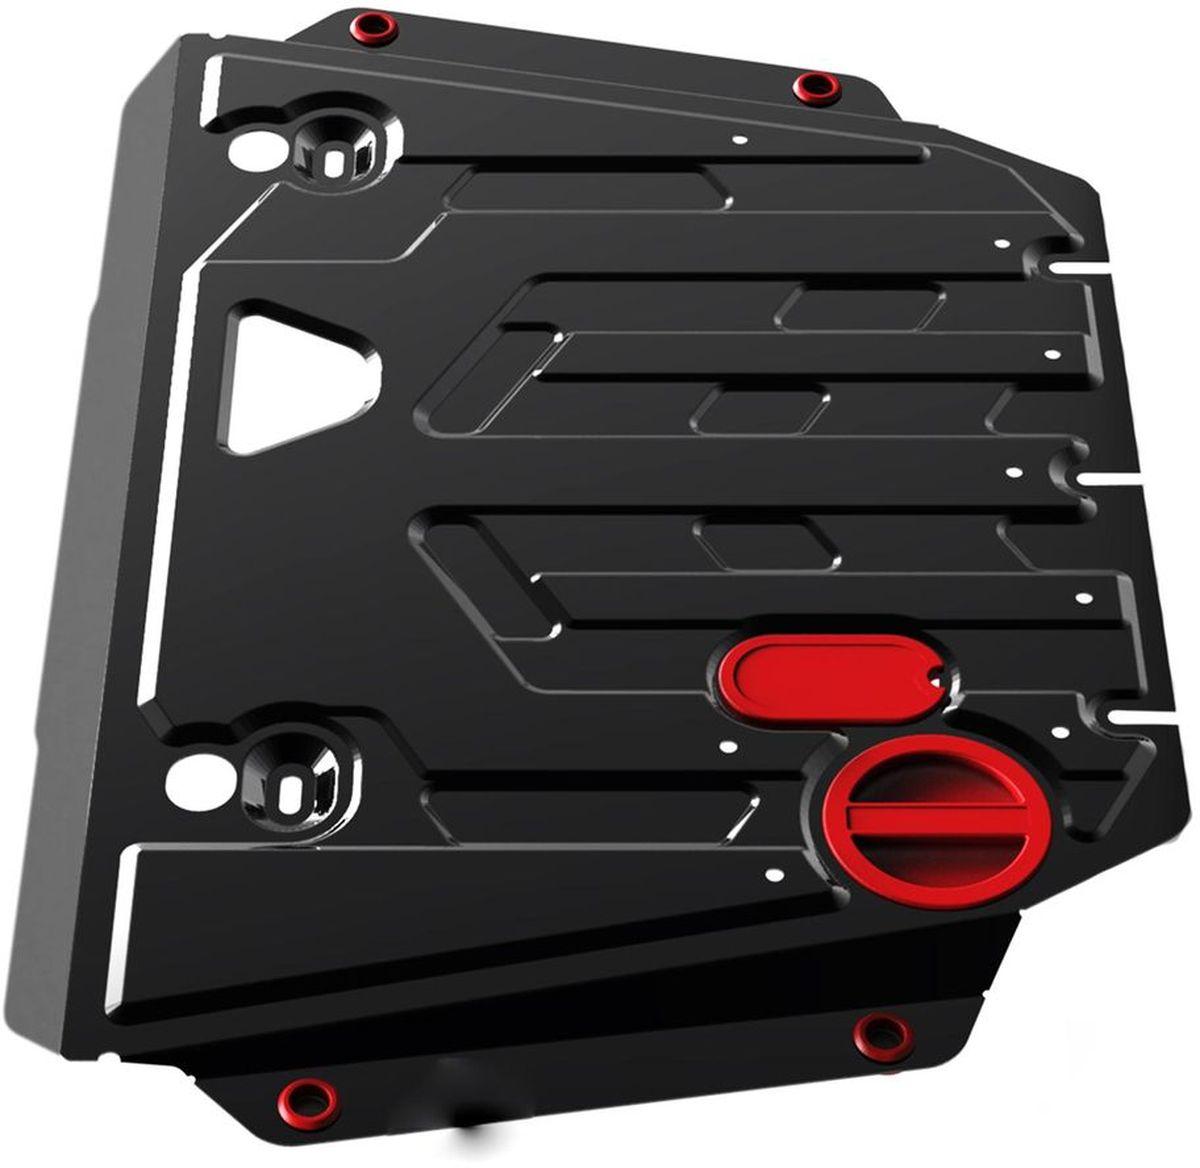 Защита картера и КПП Автоброня, для Lexus NX 200t, V-2,0 (2014-)111.03207.1Технологически совершенный продукт за невысокую стоимость. Защита разработана с учетом особенностей днища автомобиля, что позволяет сохранить дорожный просвет с минимальным изменением. Защита устанавливается в штатные места кузова автомобиля. Глубокий штамп обеспечивает до двух раз больше жесткости в сравнении с обычной защитой той же толщины. Проштампованные ребра жесткости препятствуют деформации защиты при ударах. Тепловой зазор и вентиляционные отверстия обеспечивают сохранение температурного режима двигателя в норме. Скрытый крепеж предотвращает срыв крепежных элементов при наезде на препятствие. Шумопоглощающие резиновые элементы обеспечивают комфортную езду без вибраций и скрежета металла, а съемные лючки для слива масла и замены фильтра - экономию средств и время. Конструкция изделия не влияет на пассивную безопасность автомобиля (при ударе защита не воздействует на деформационные зоны кузова). Со штатным крепежом. В комплекте инструкция по установке....